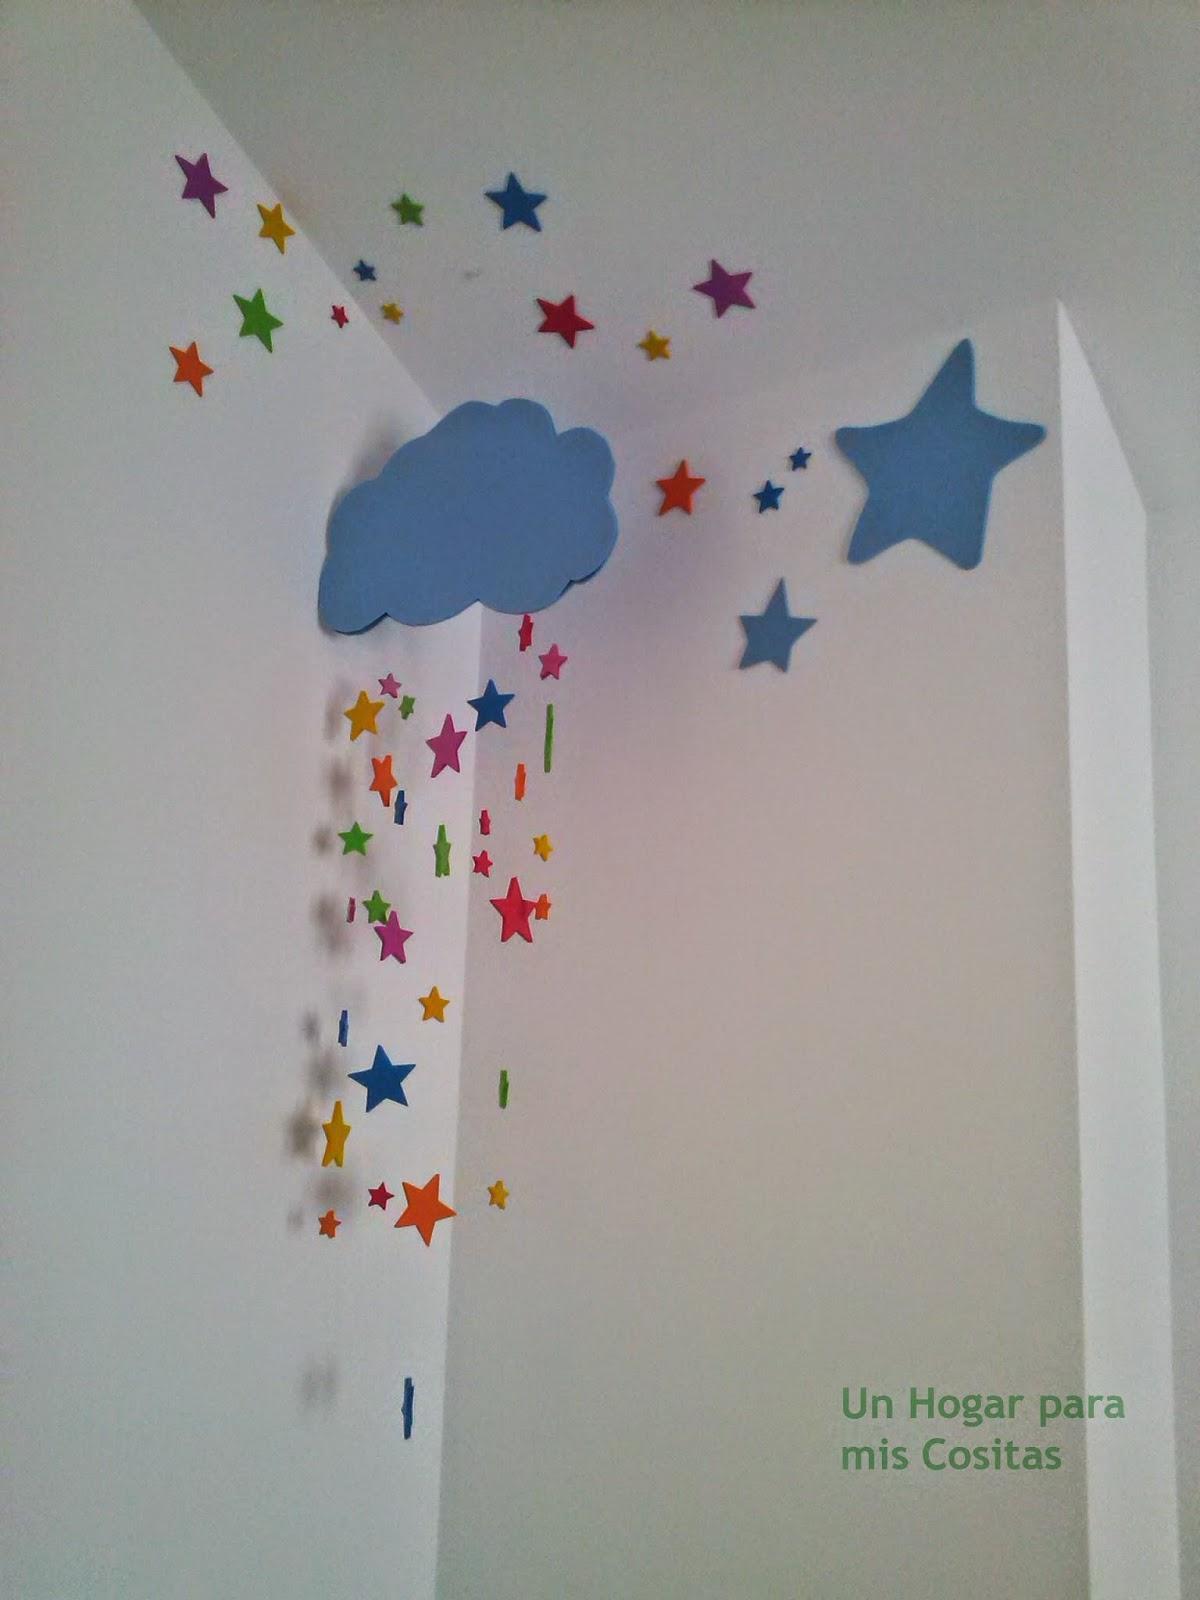 Un hogar para mis cositas decopedia 4 movil lloviendo - Adornos decorativos para el hogar ...